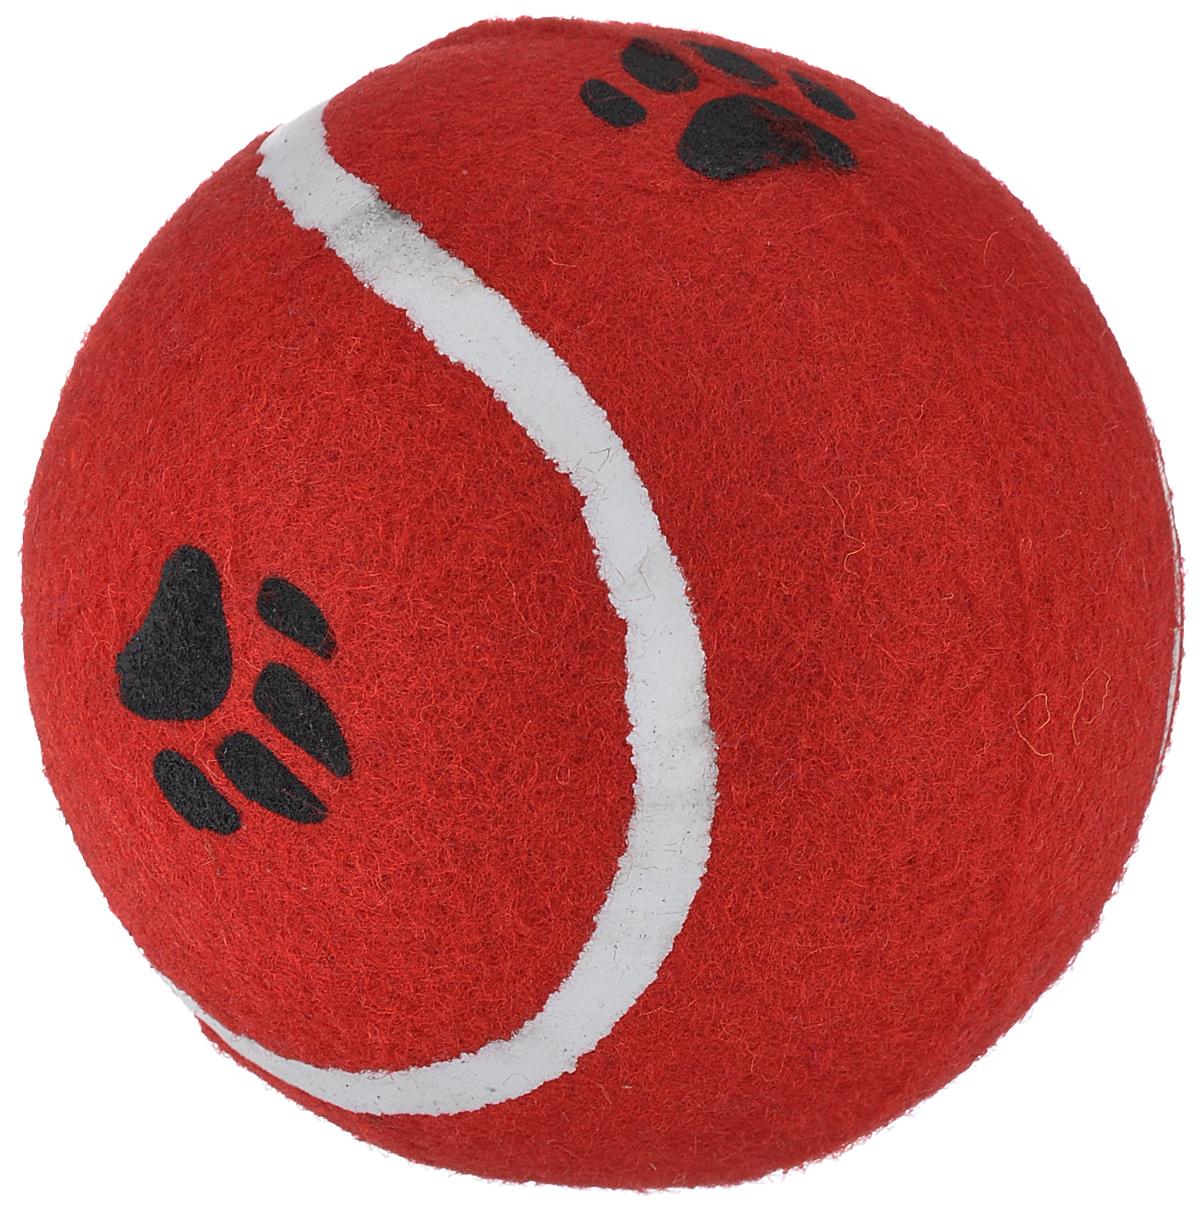 Игрушка для собак I.P.T.S. Мячик теннисный с отпечатками лап, цвет: красный, диаметр 10 см0120710Игрушка для собак I.P.T.S. изготовлена из прочной цветной резины с ворсистой поверхностью в виде теннисного мяча с отпечатками лап. Предназначена для игр с собакой любого возраста. Такая игрушка привлечет внимание вашего любимца и не оставит его равнодушным. Диаметр: 10 см.